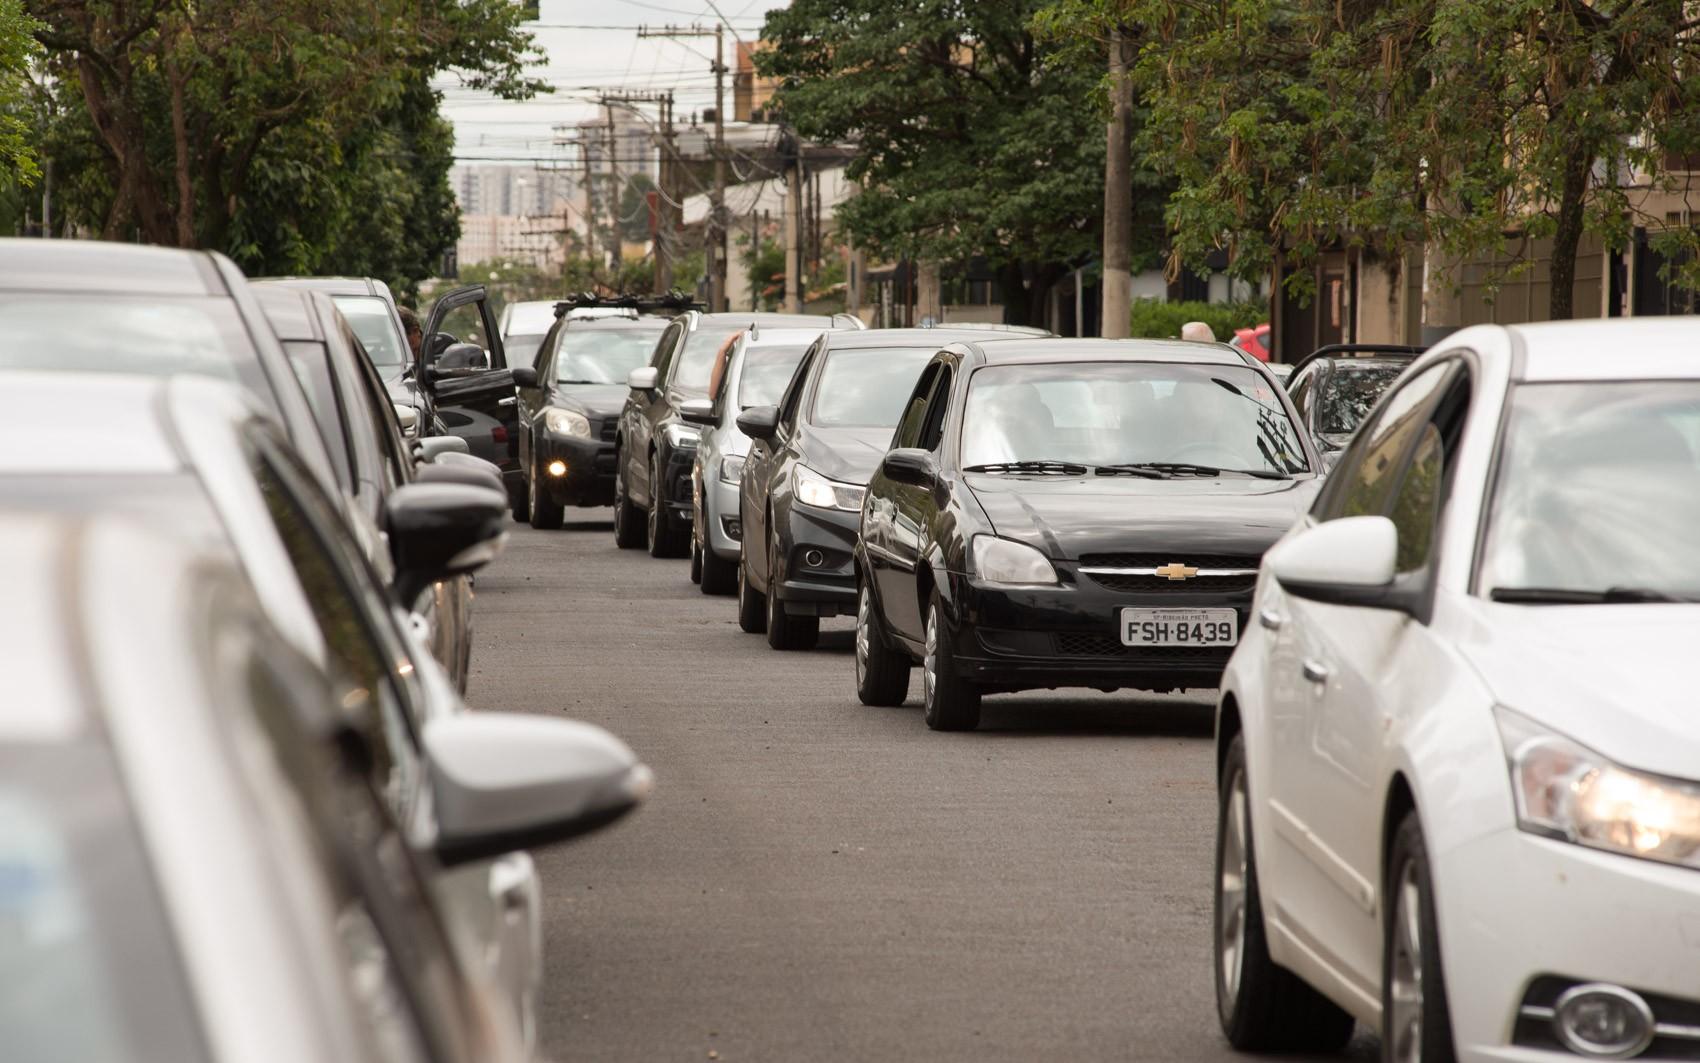 Prefeitura descumpre portaria e deixa de emitir laudo a deficientes para isenção de impostos em Ribeirão Preto - Notícias - Plantão Diário